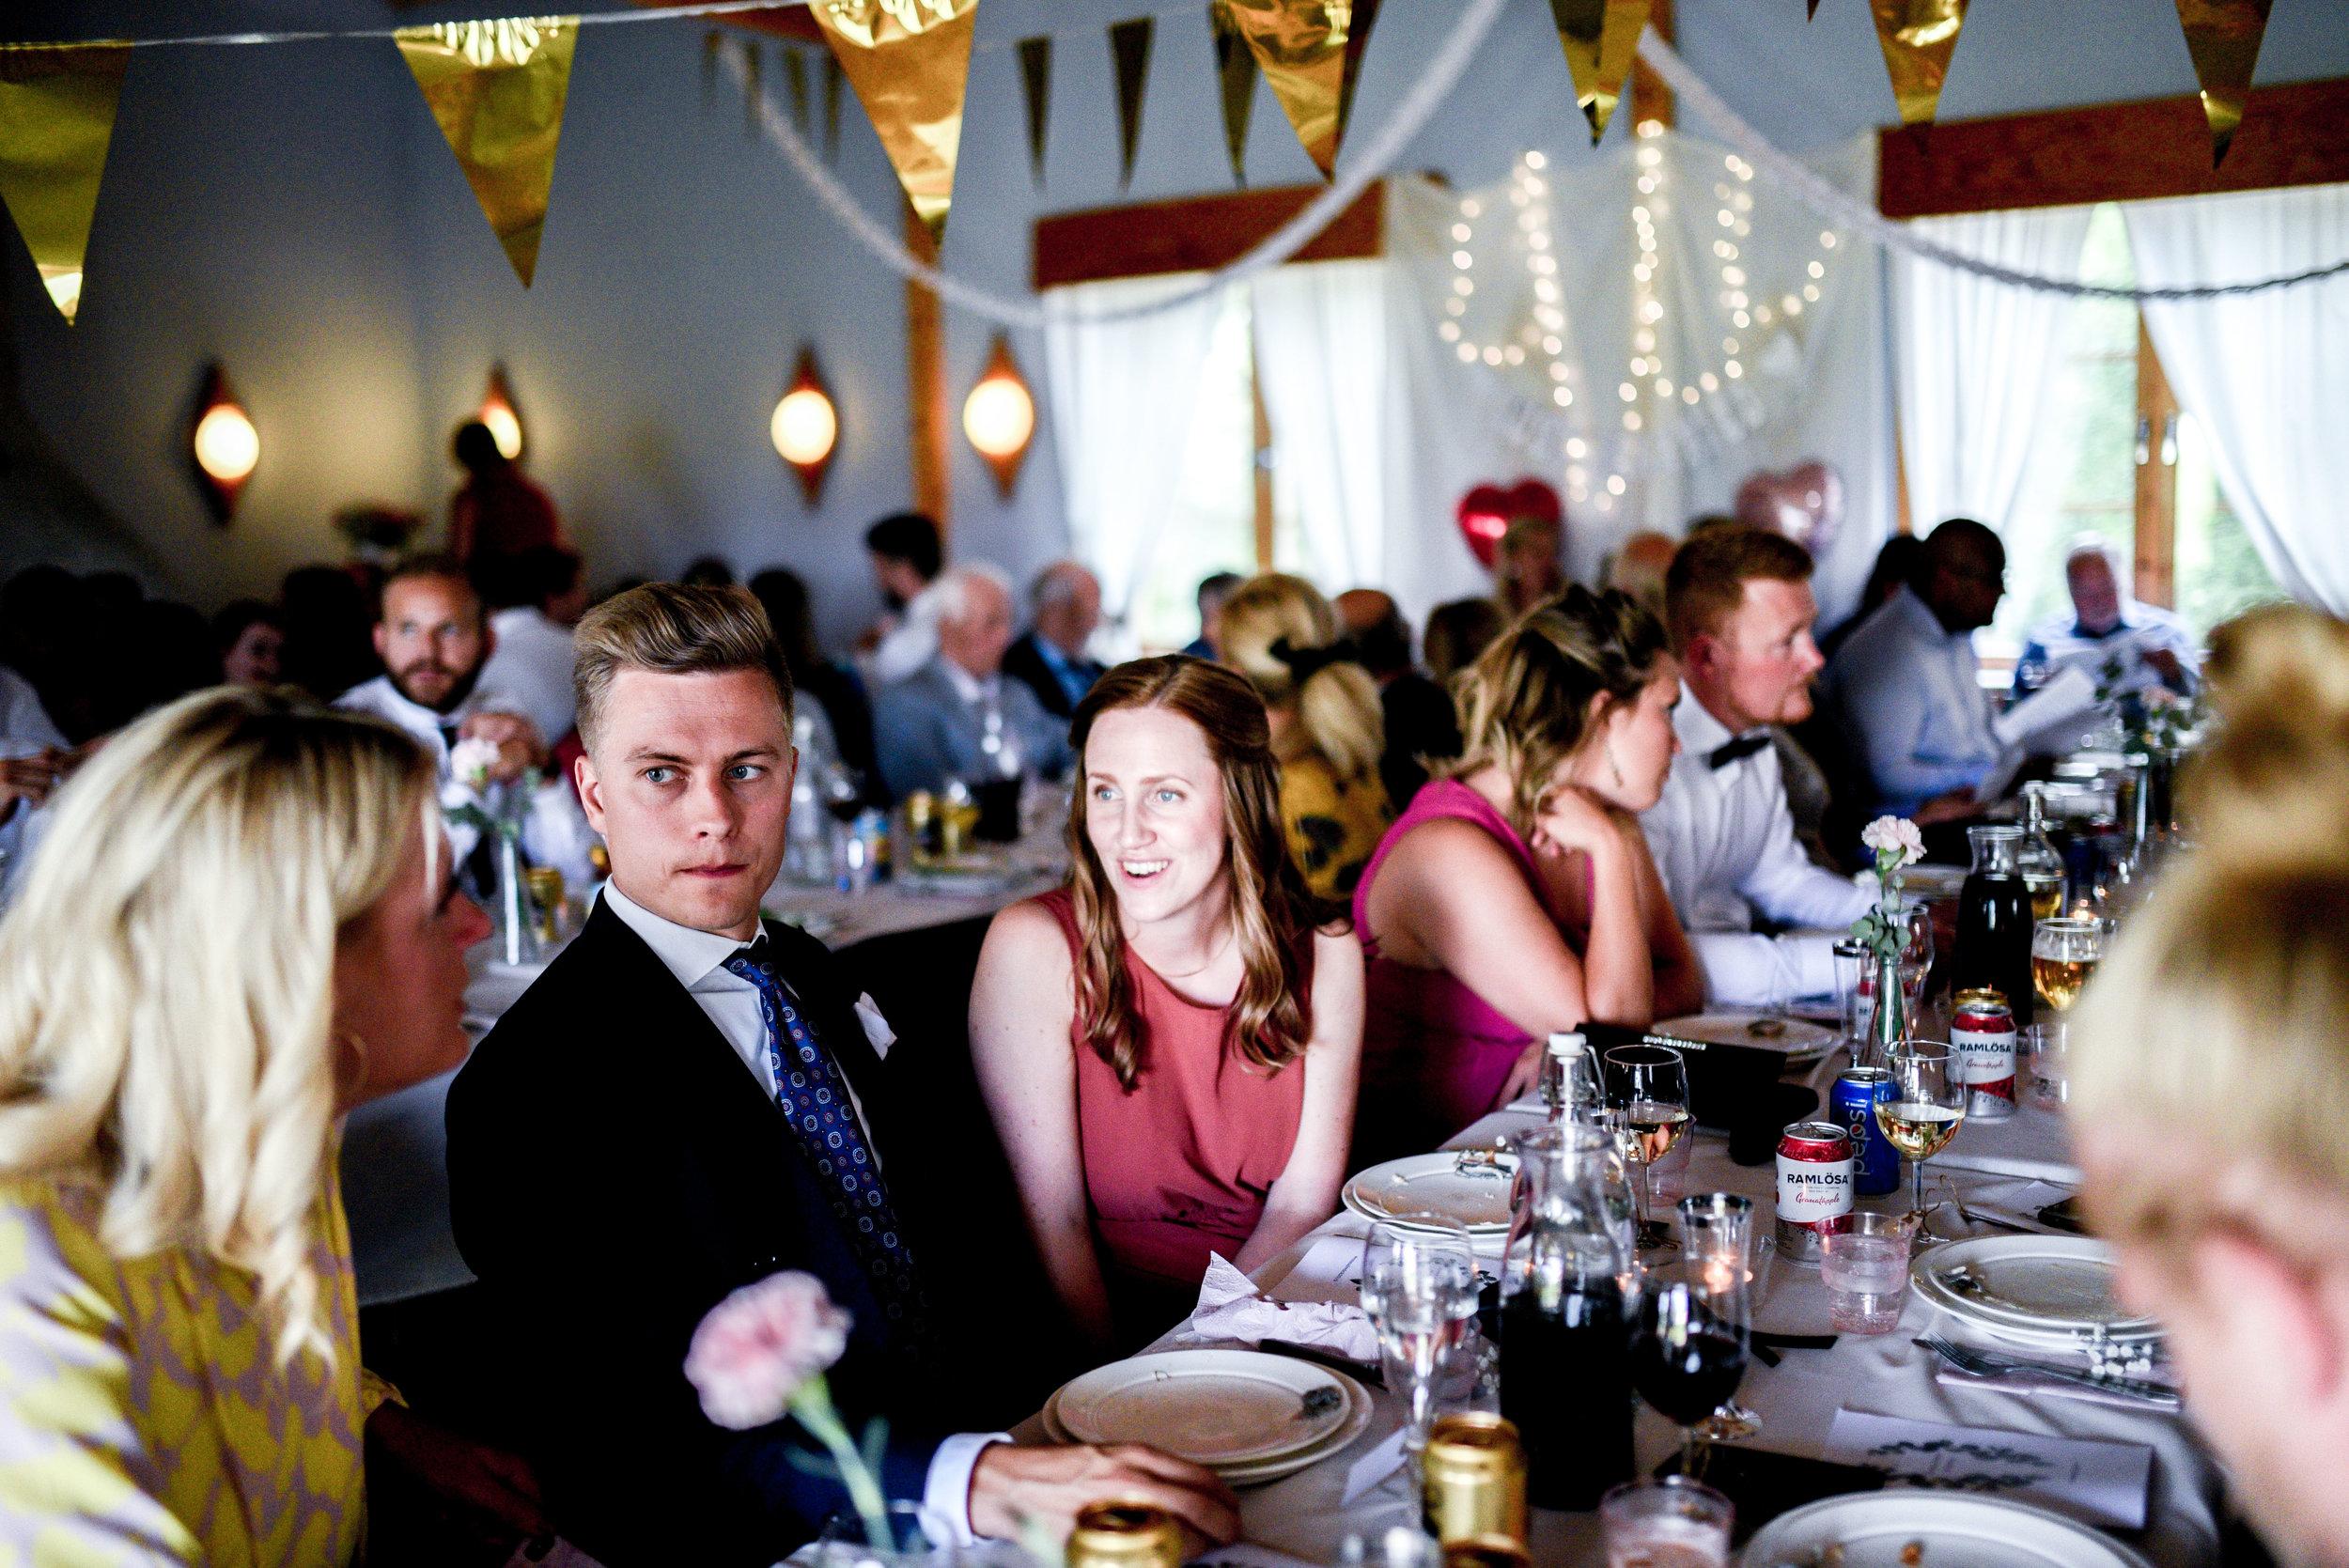 Bröllop2019lågkvall2-6019.jpg